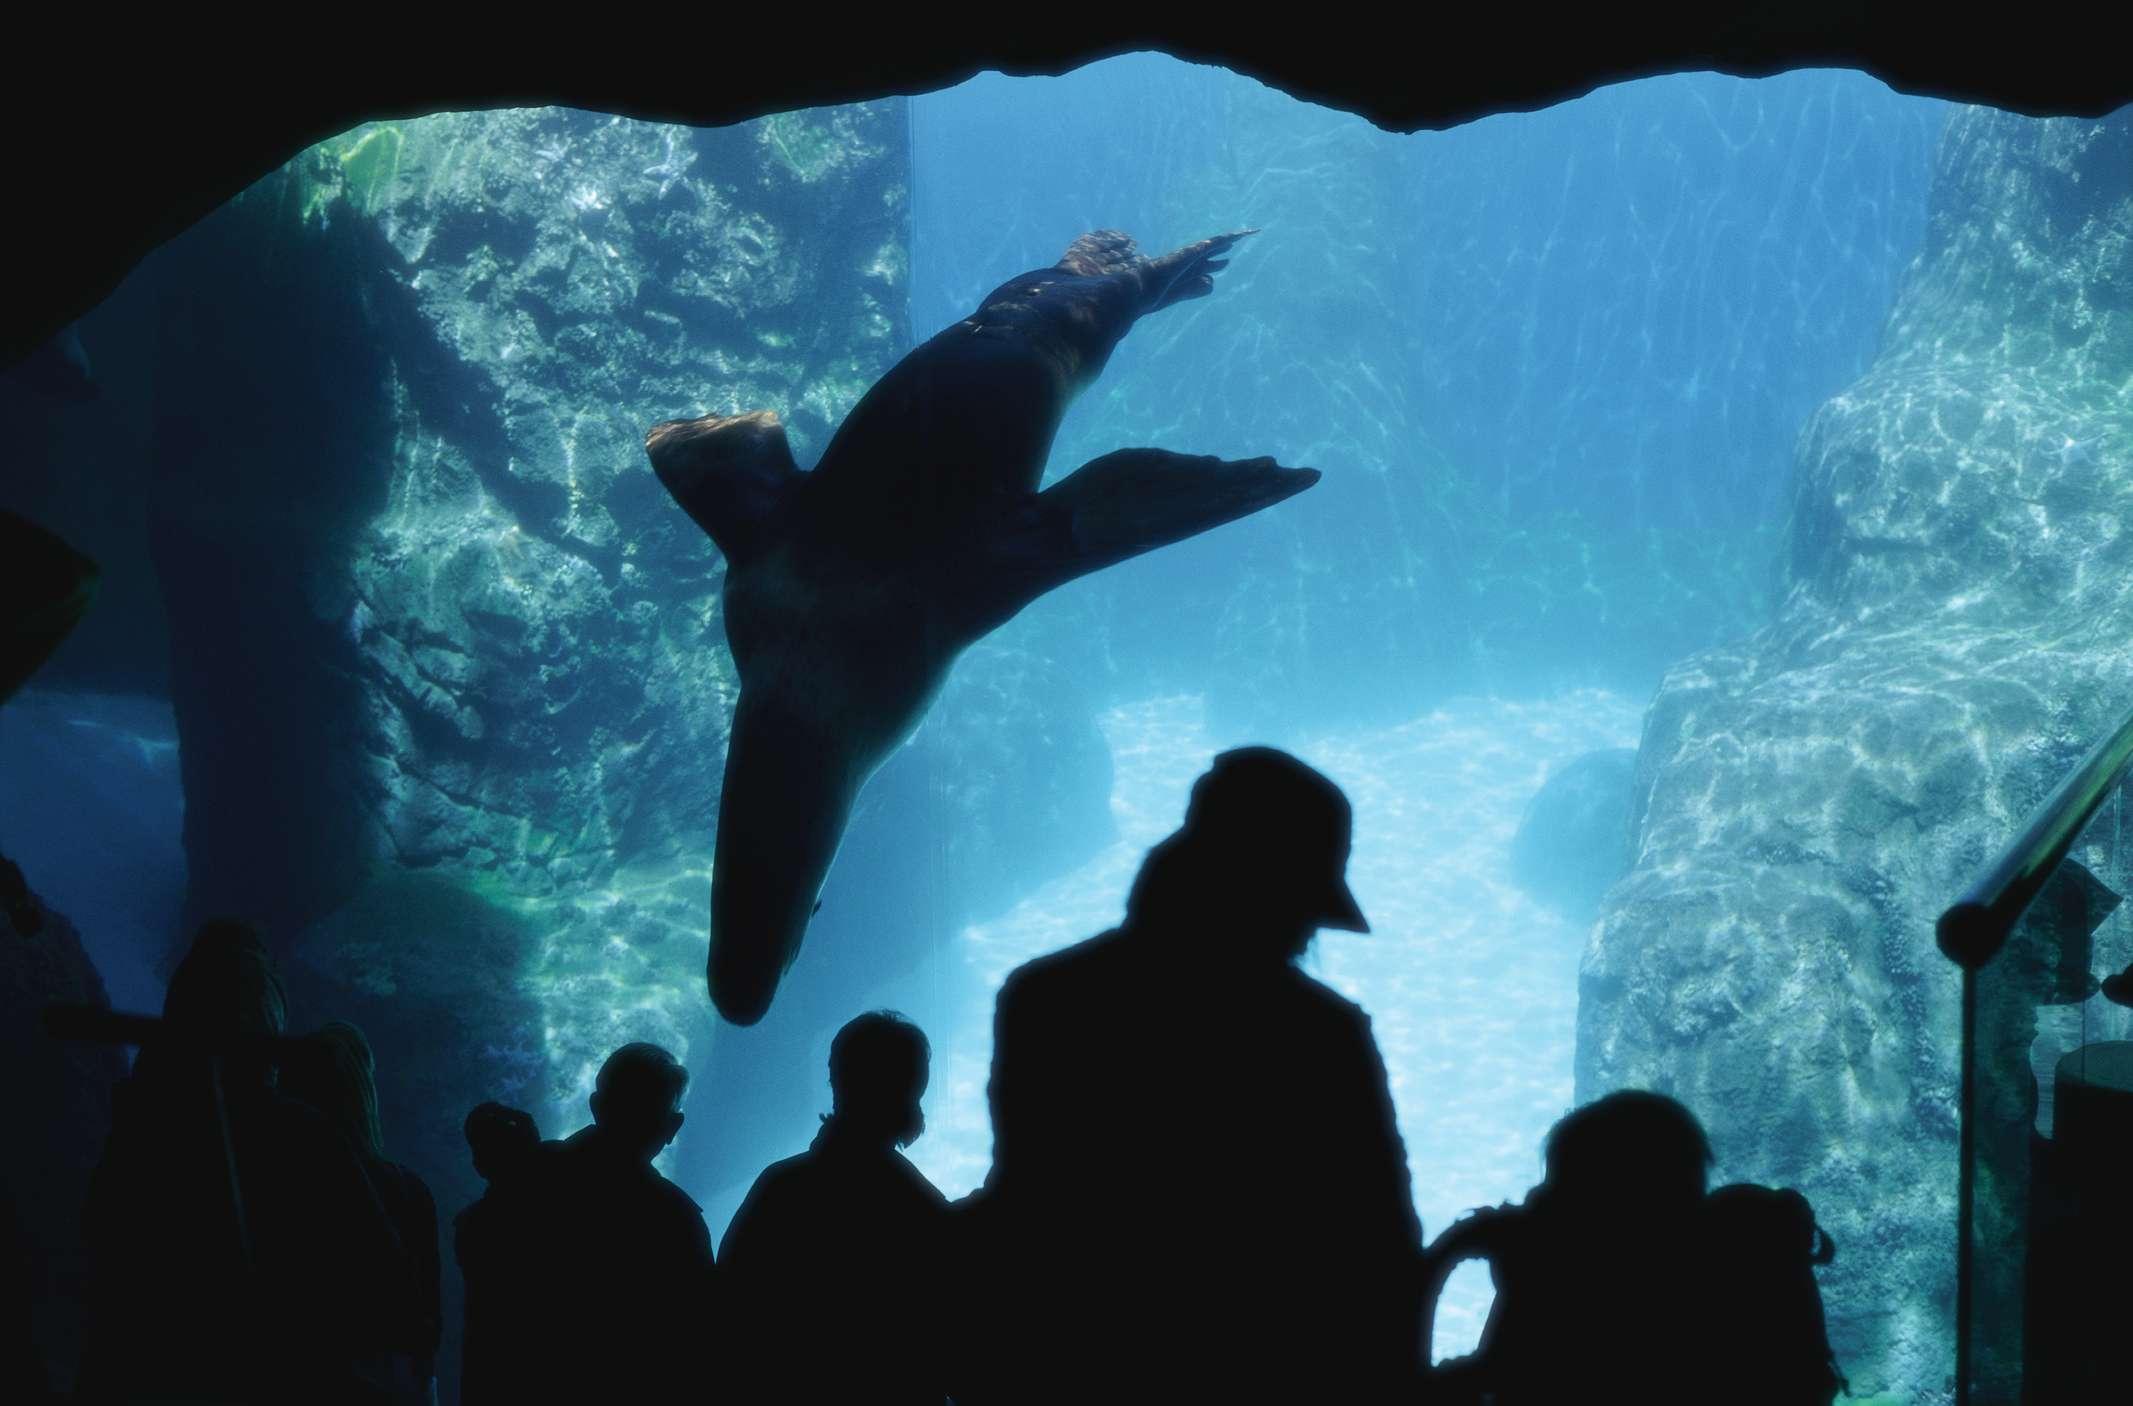 Visitantes observando leones marinos en el zoológico de Oregón